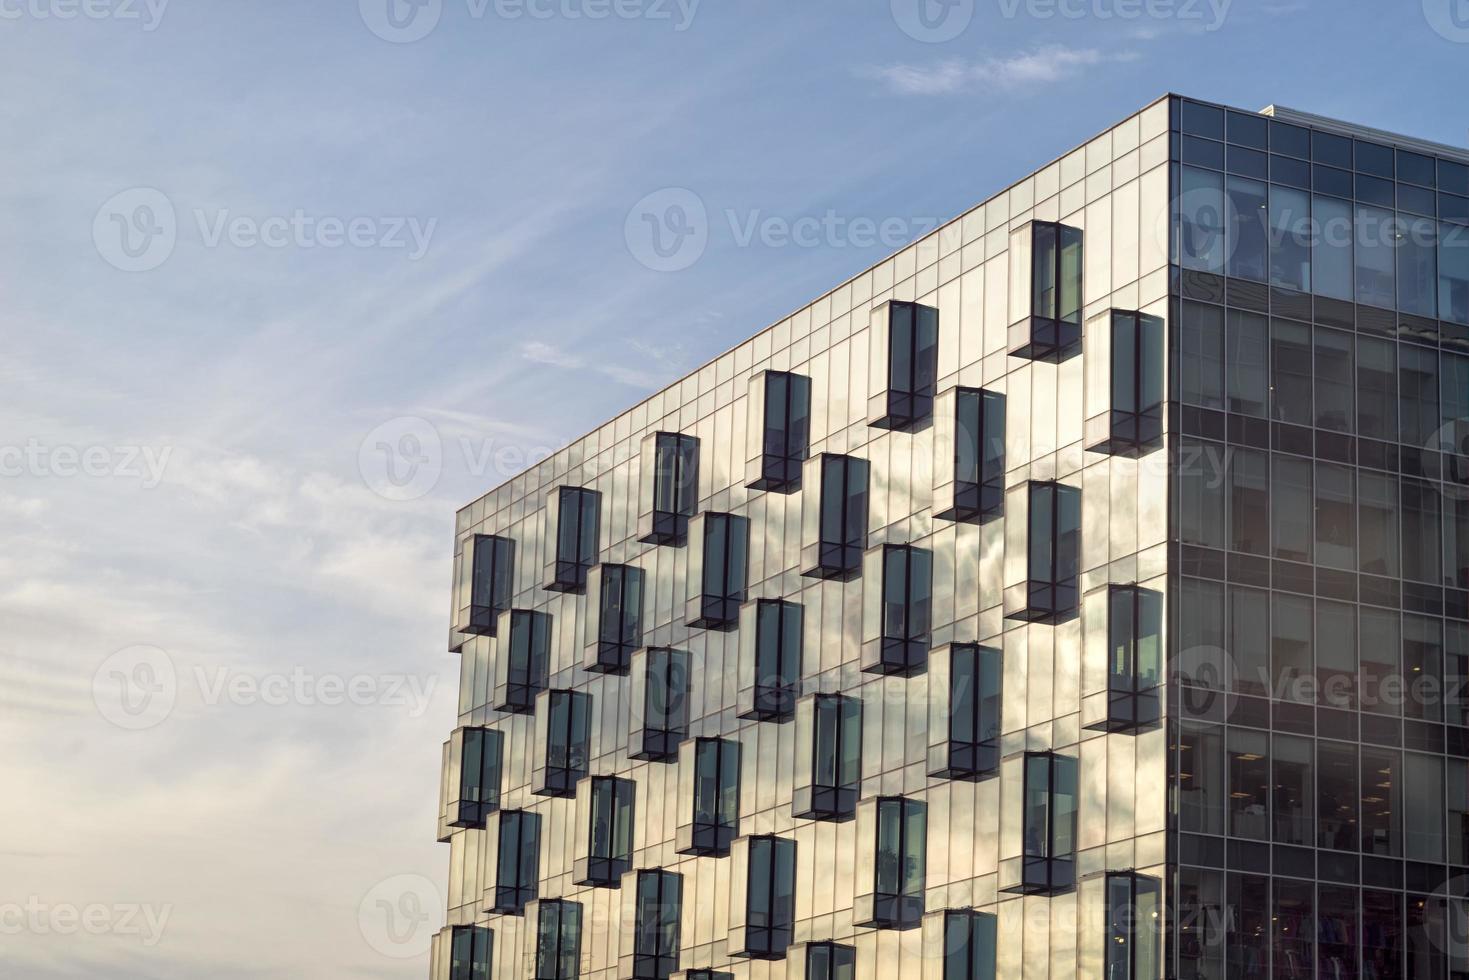 edificio per uffici con angolo facciata in vetro foto